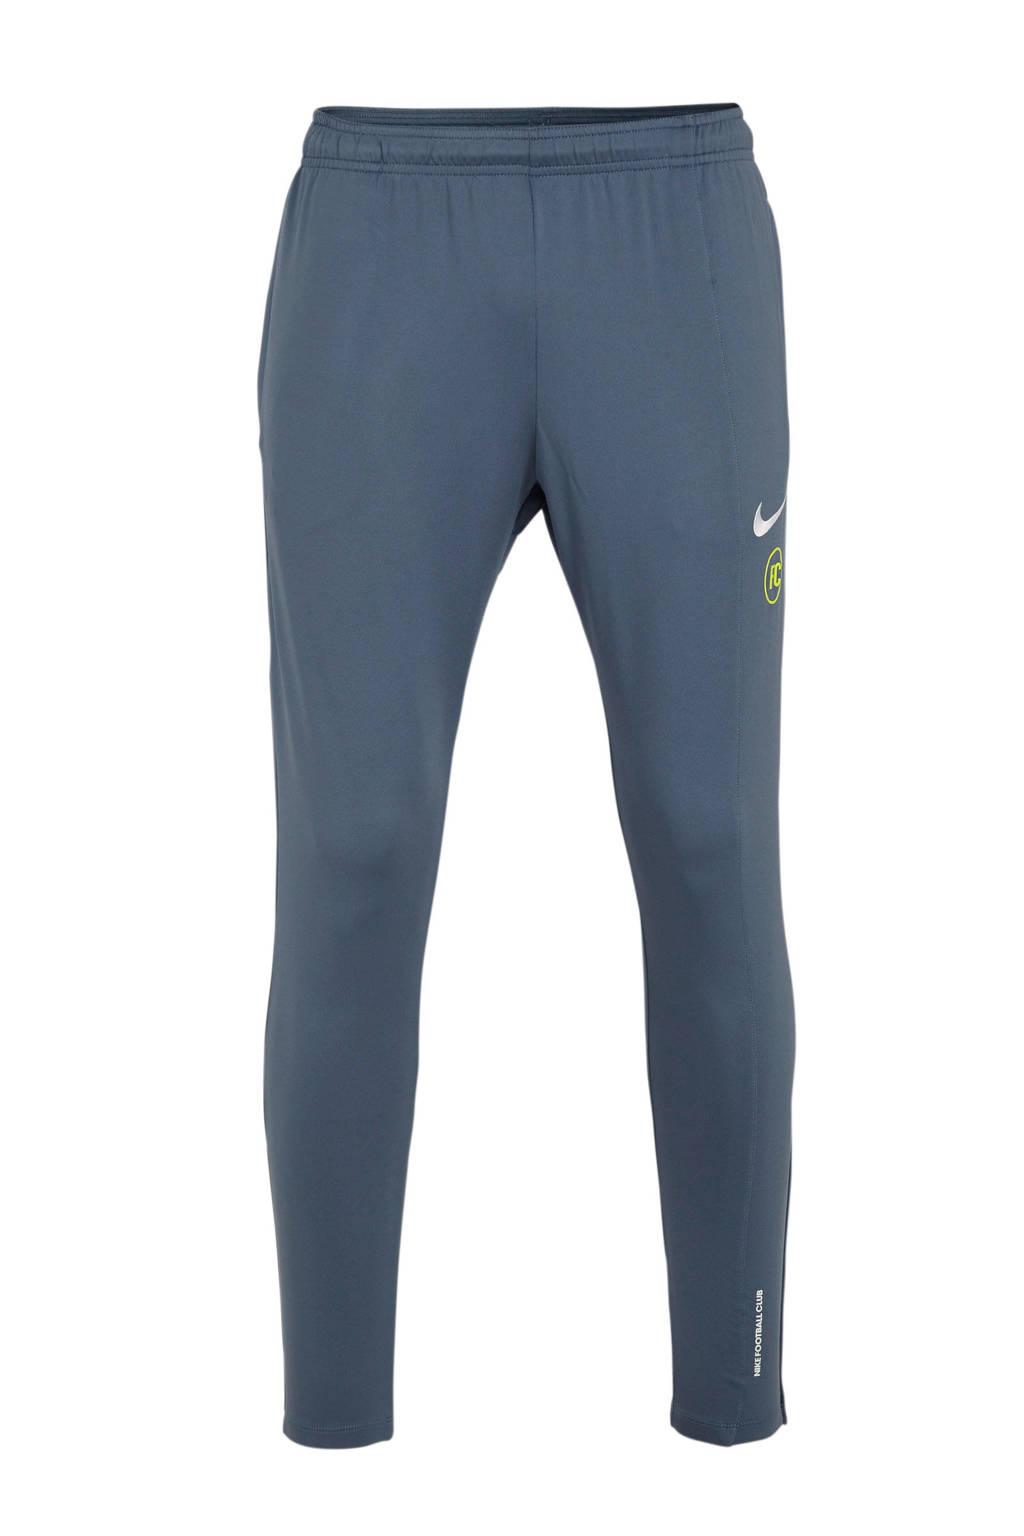 Nike   F.C. voetbalbroek grijsblauw, Grijsblauw